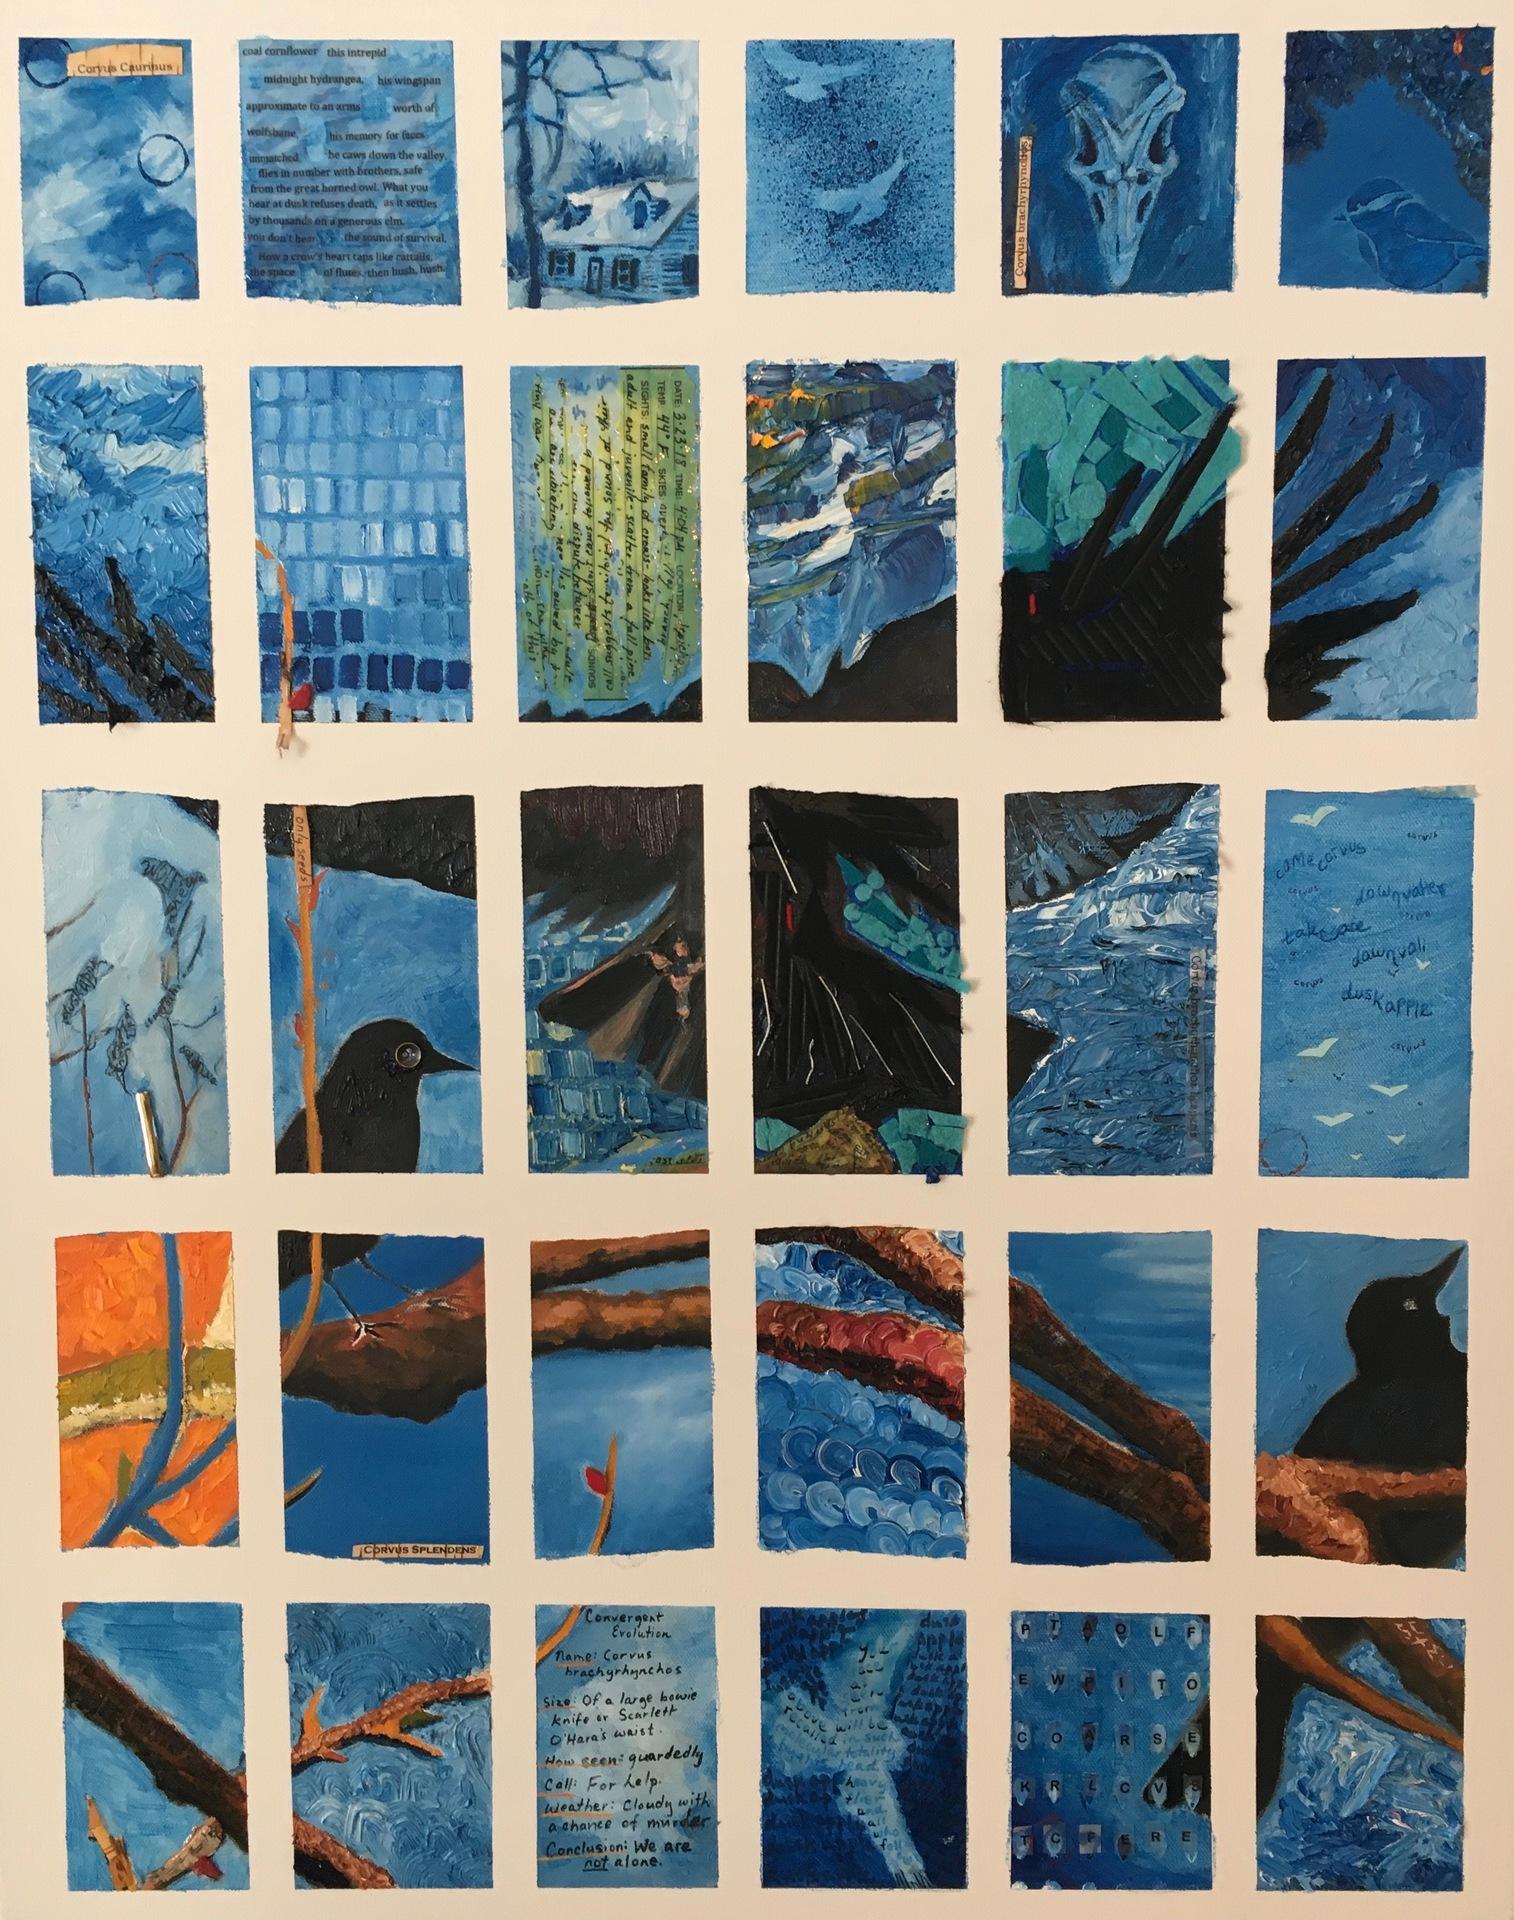 Almanac #5b: Almanac with Crows, Michael Chaney